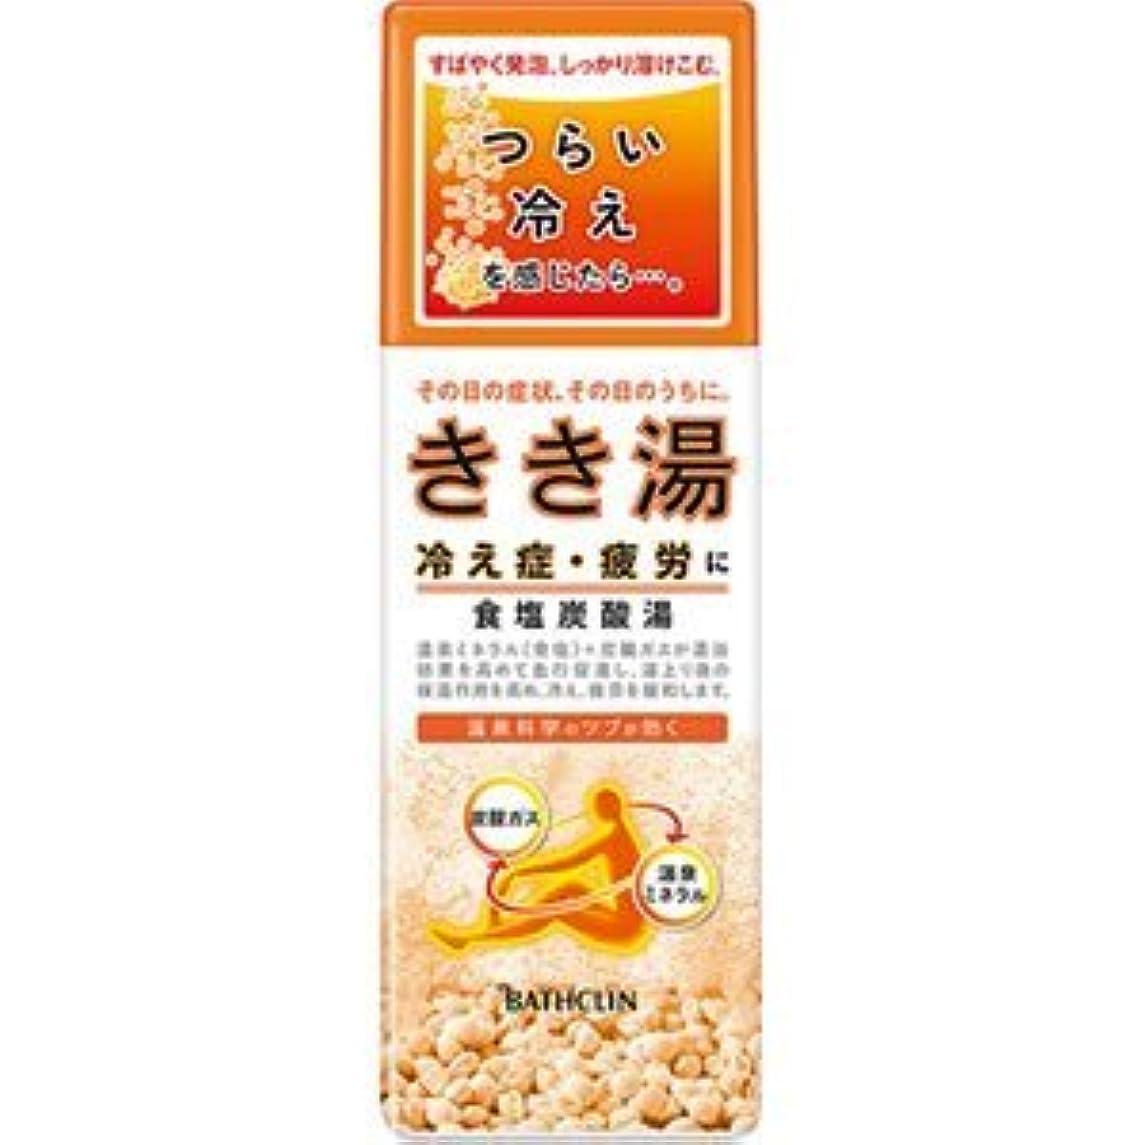 丈夫推進評議会【バスクリン】きき湯 食塩炭酸湯 360g(医薬部外品)(お買い得3個セット)